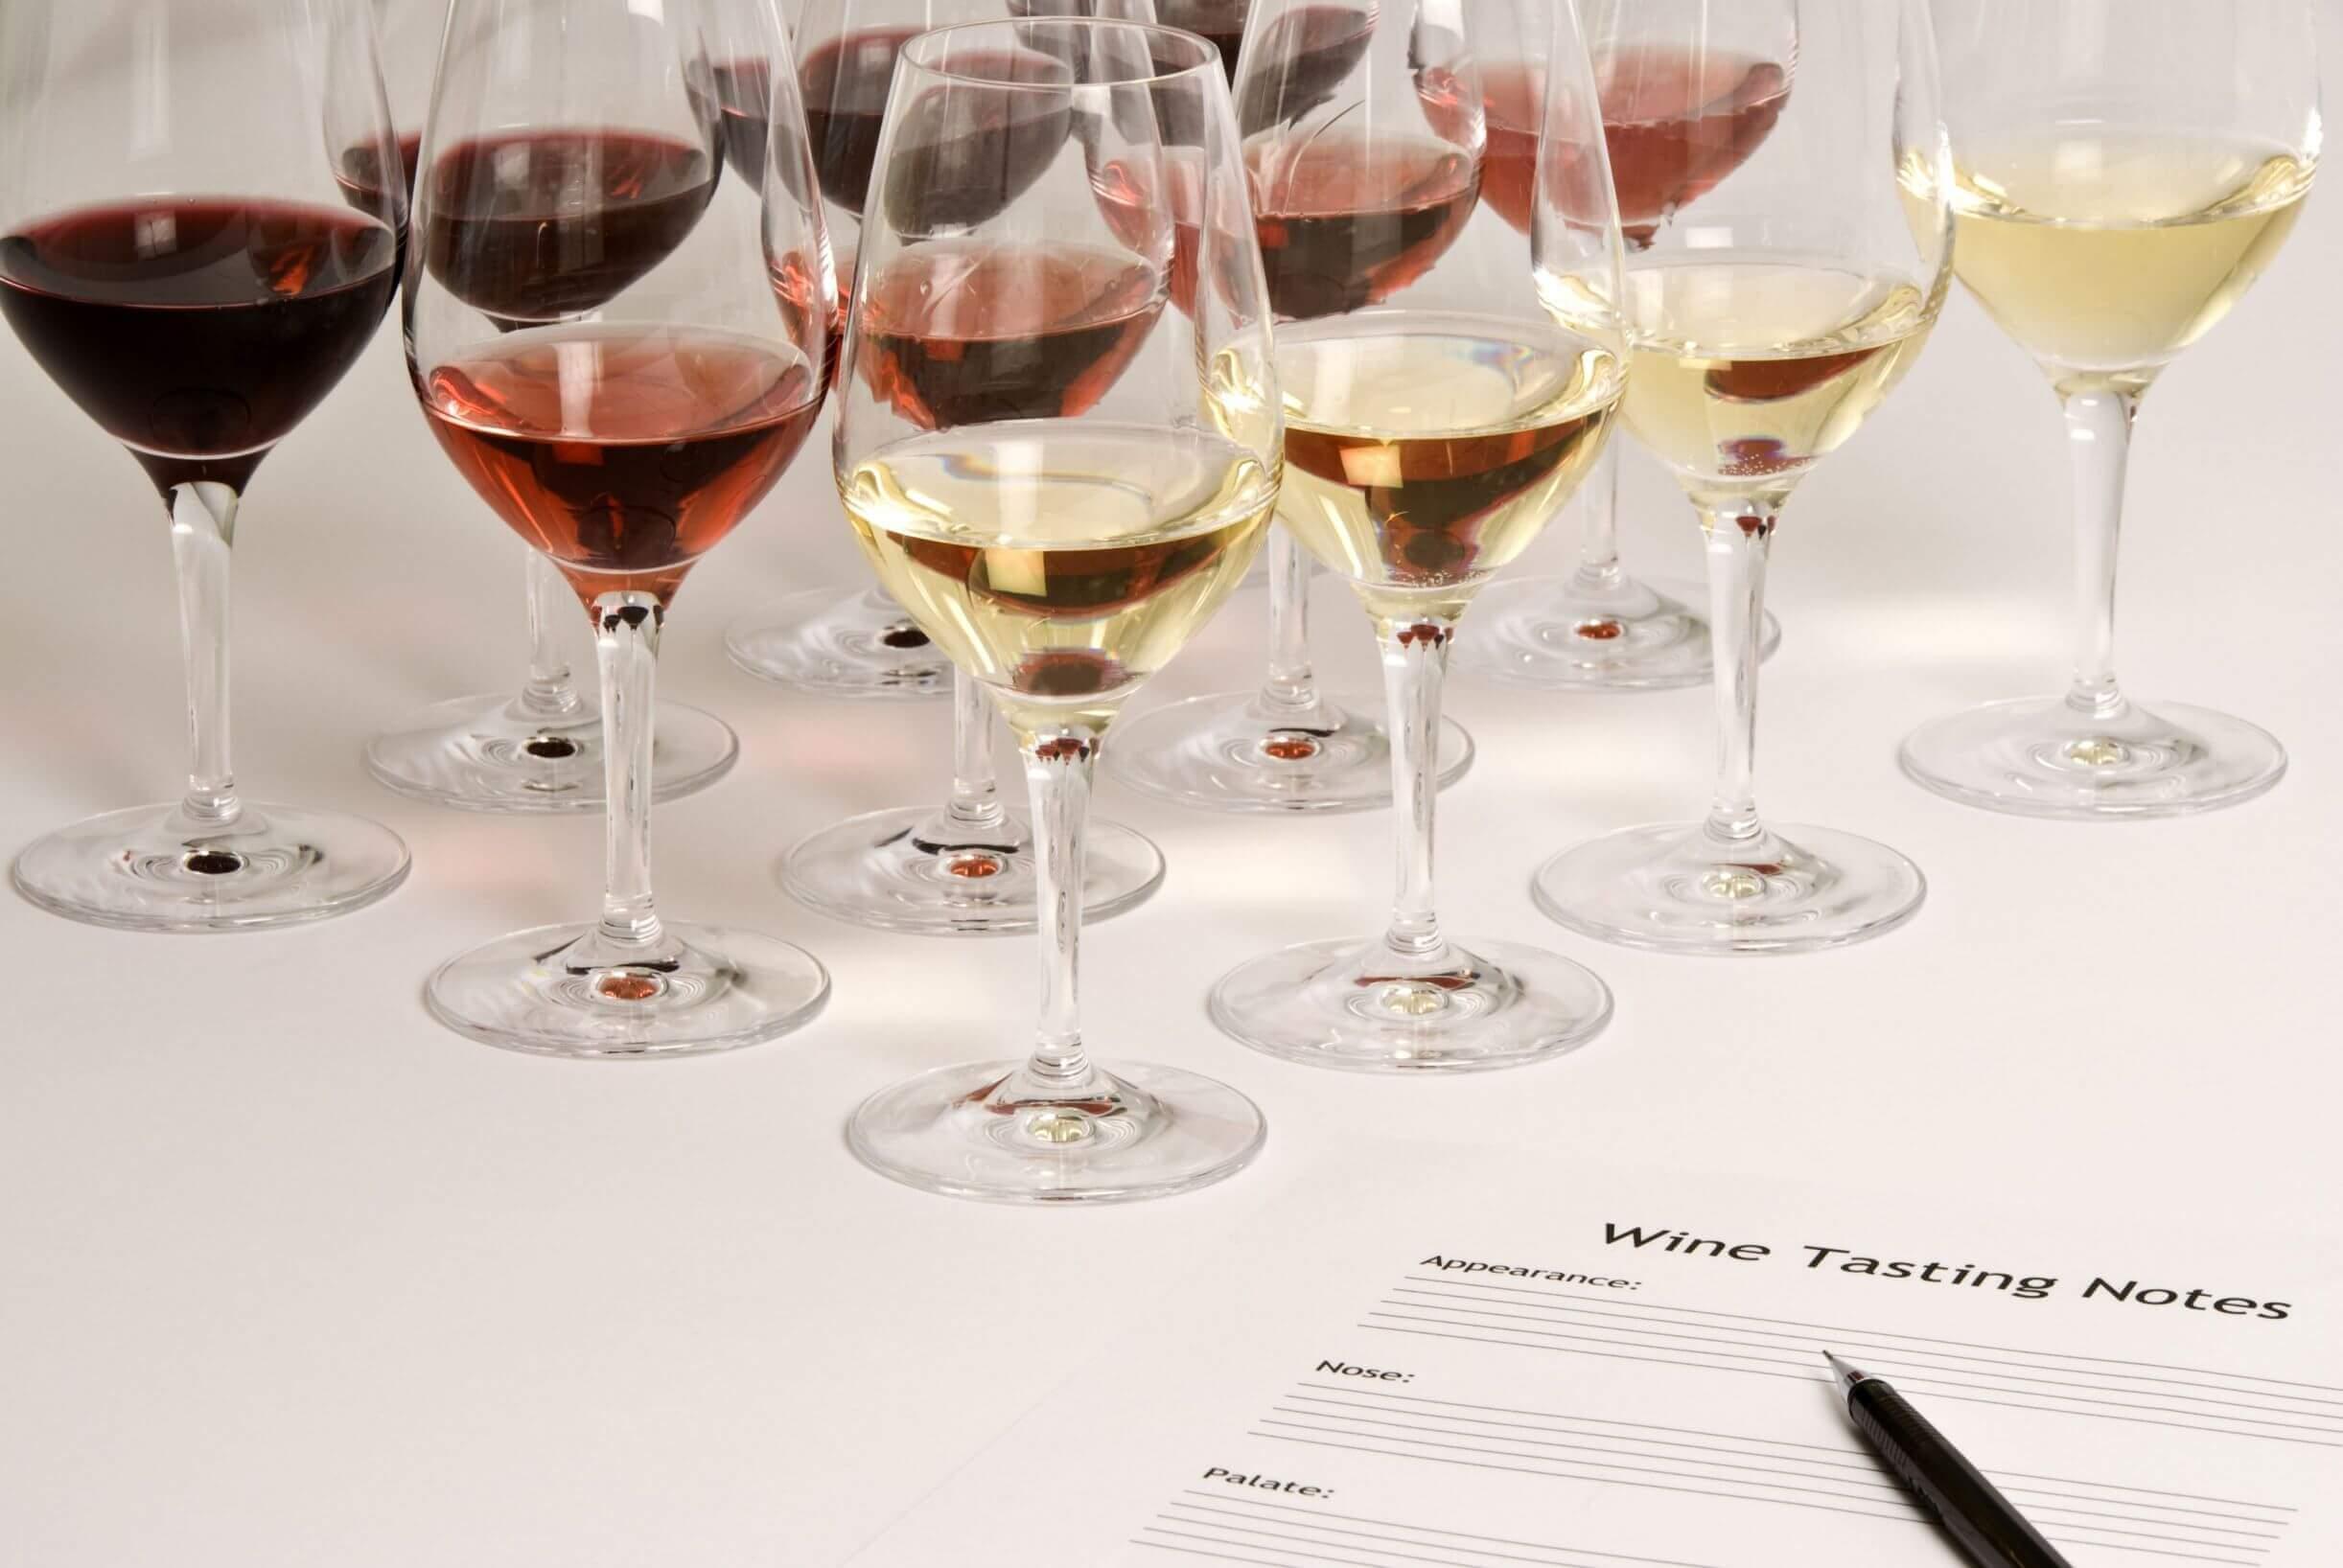 Glazen wijn proeven curus wijnproeven locatie wijnboerderij Soest